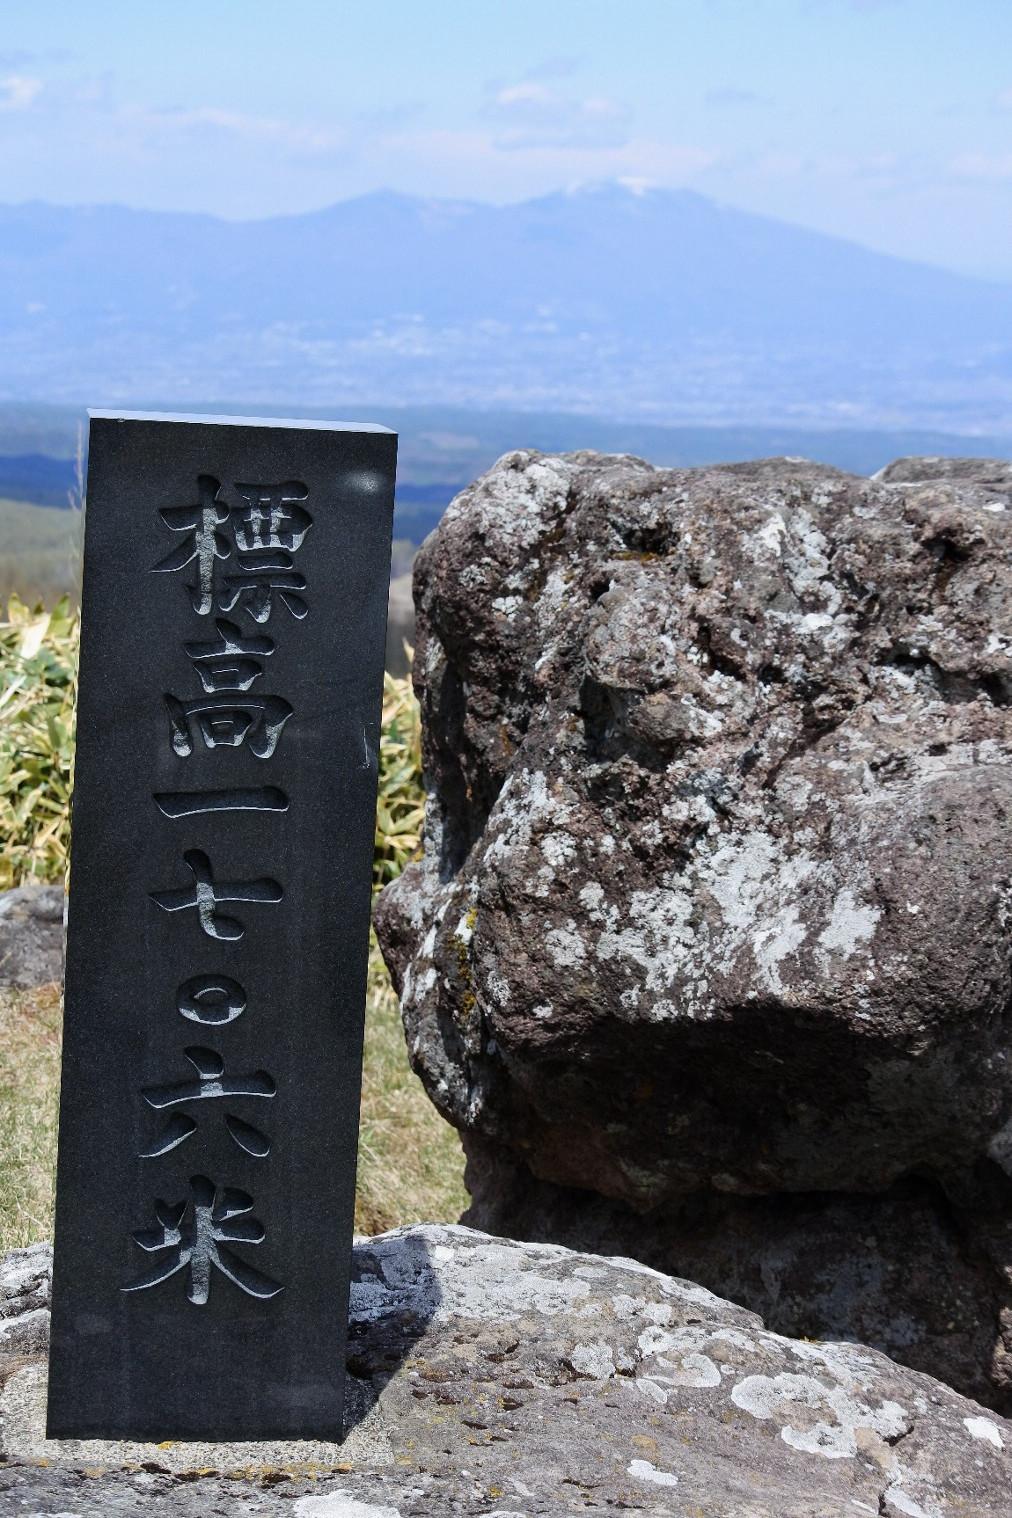 長野そぞろ歩き:八ヶ岳をドライブ_f0049074_07012051.jpg